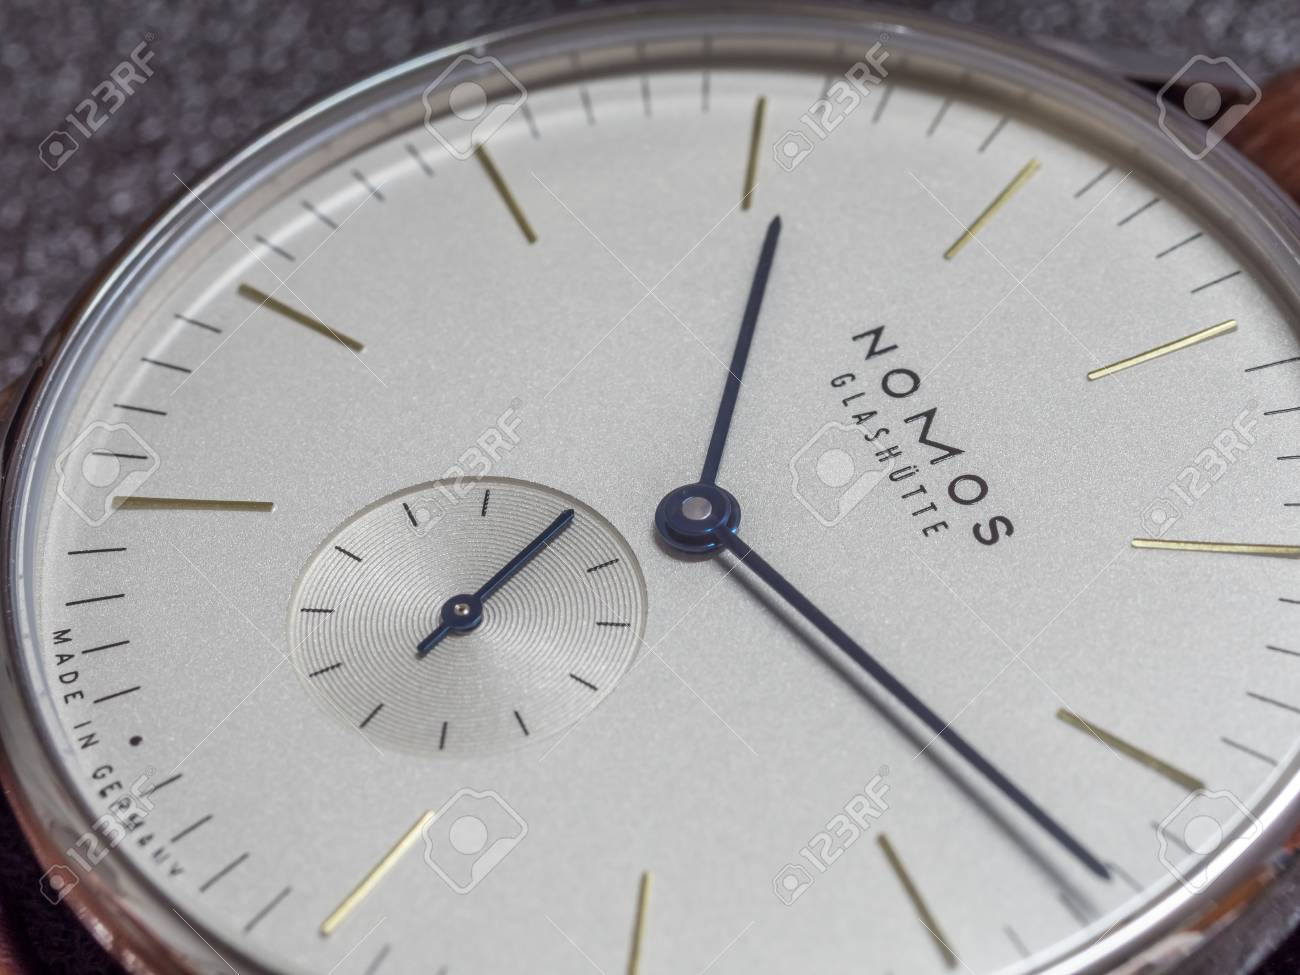 super popular 92cb4 120d5 バンコク - 2 月 5 日: ノモスの時計はドイツの時計ブランド、シンプルなクリアでクリーンなデザイン、巻線機、ホワイト  ダイアル、ブラウンのアリゲーター ・ ストラップの高級腕時計と卓越しました。